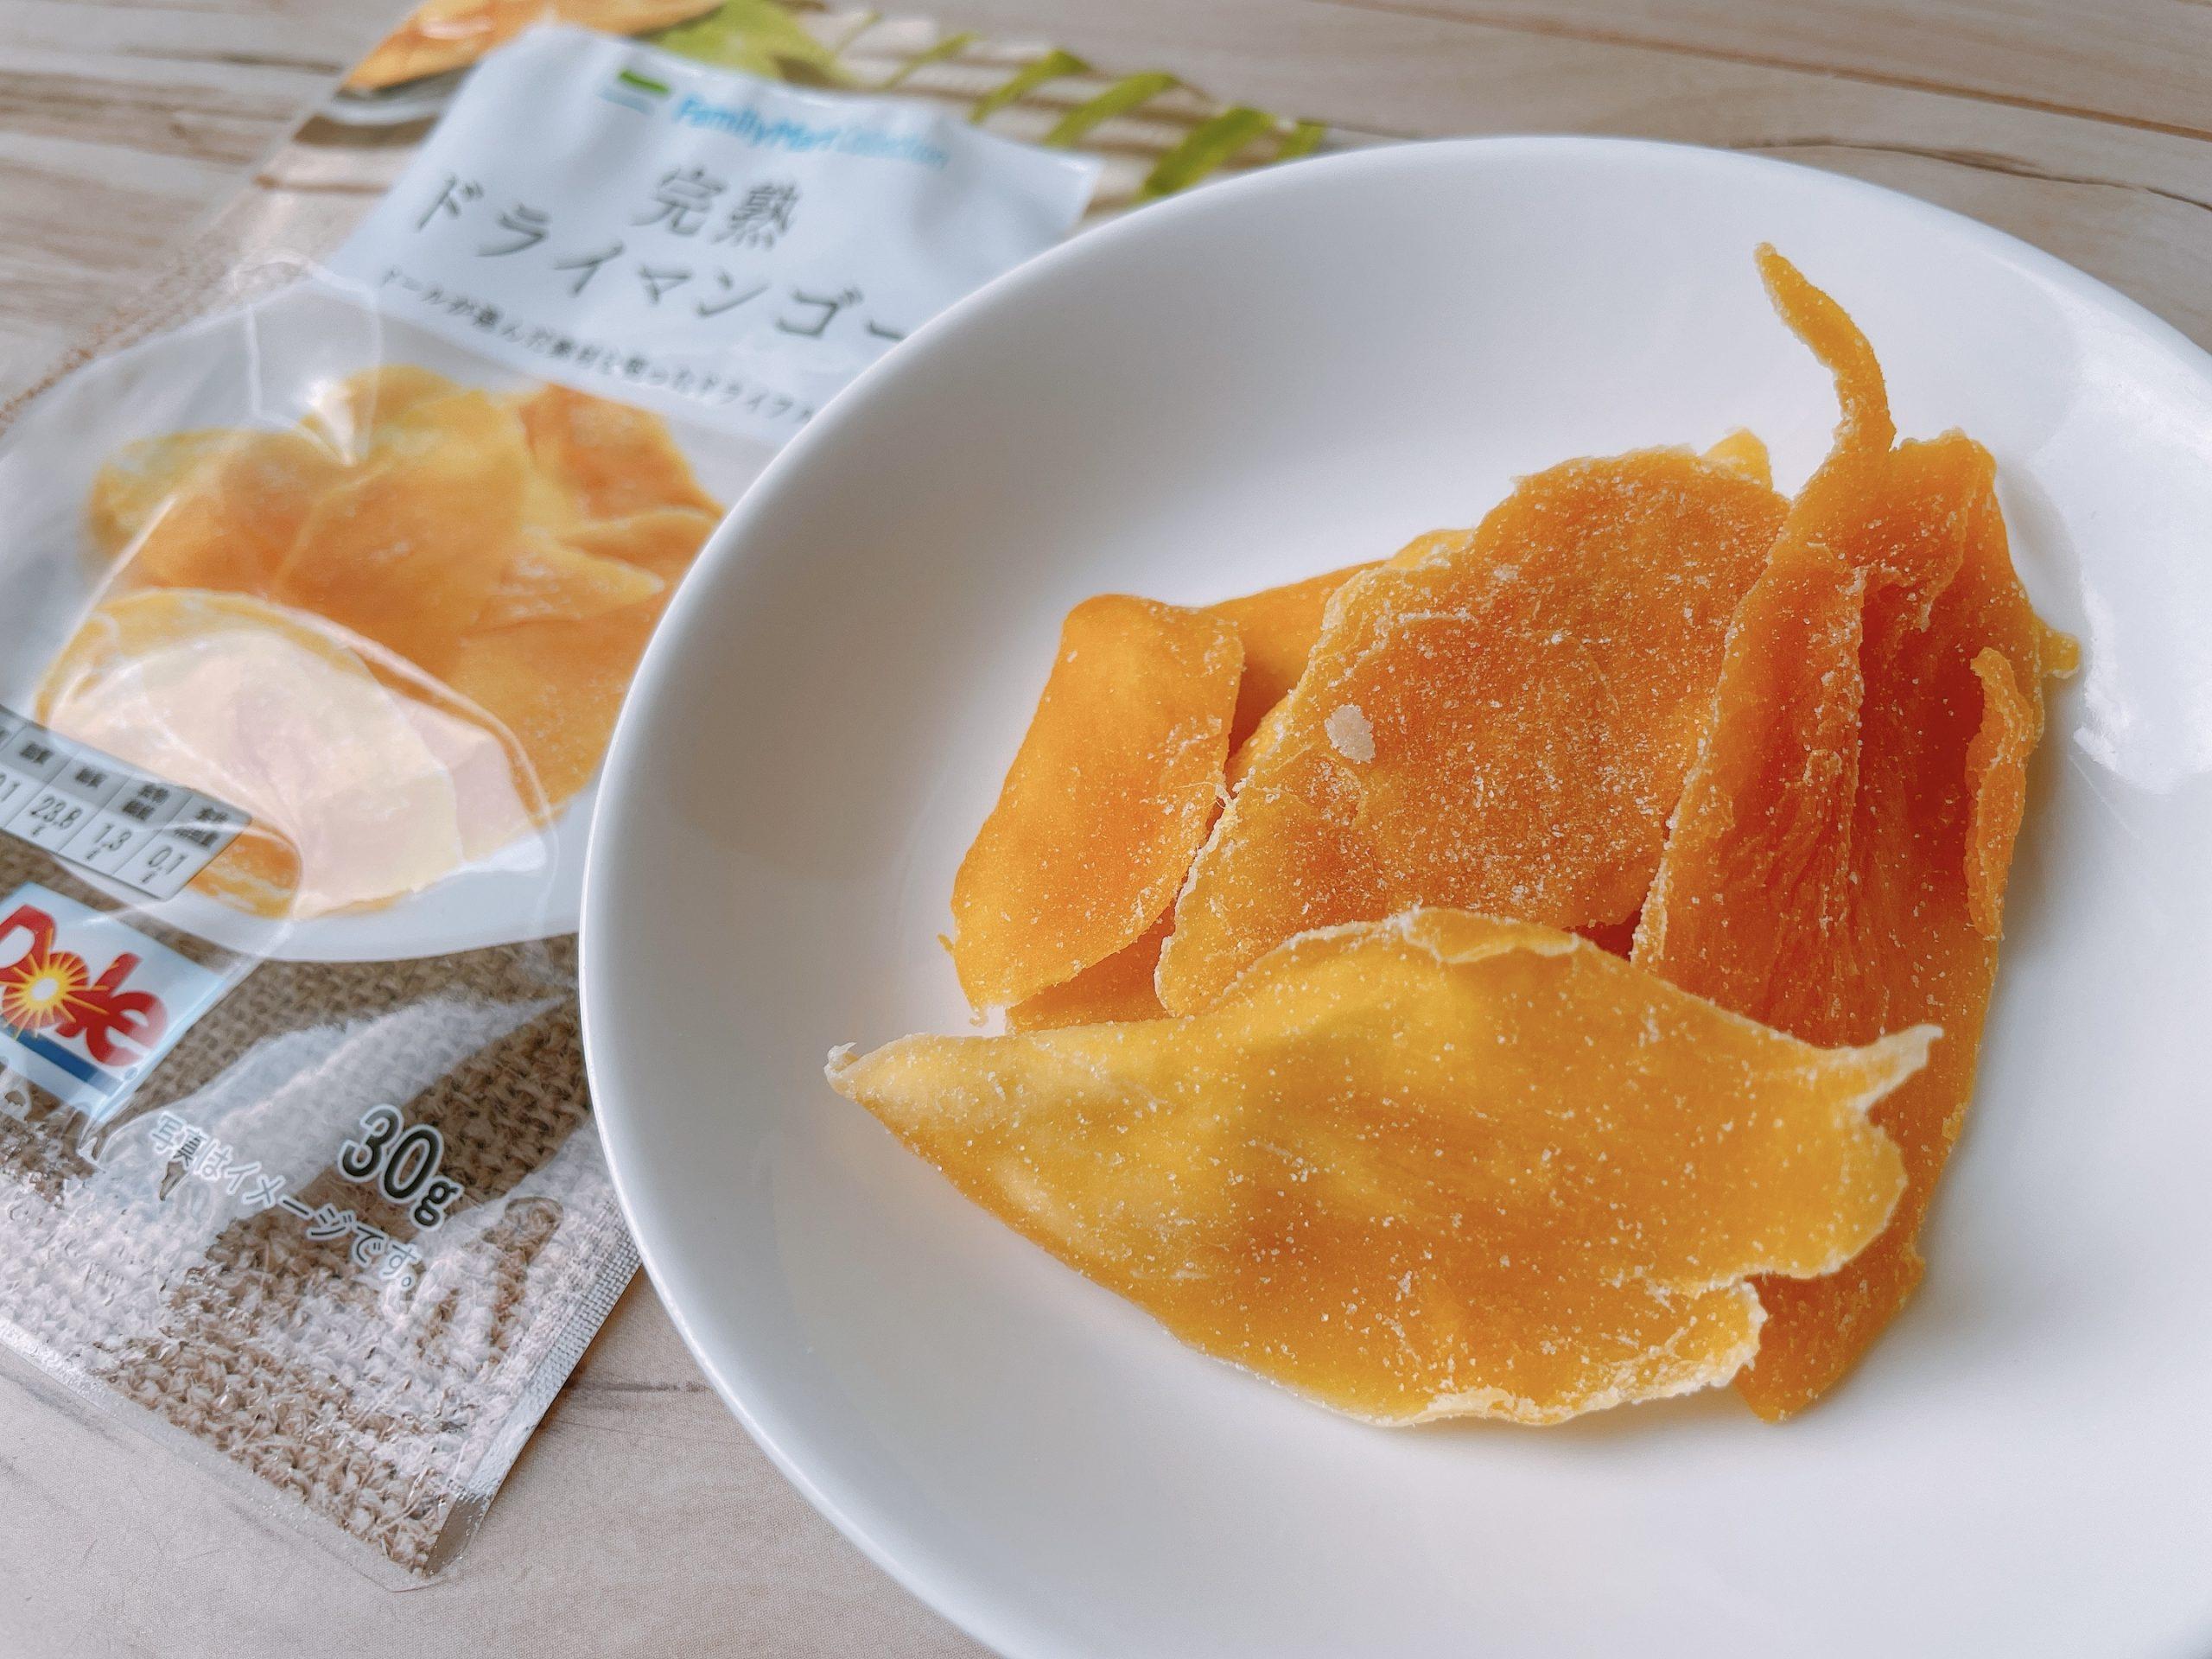 完熟ドライマンゴーの香りはとてもいい